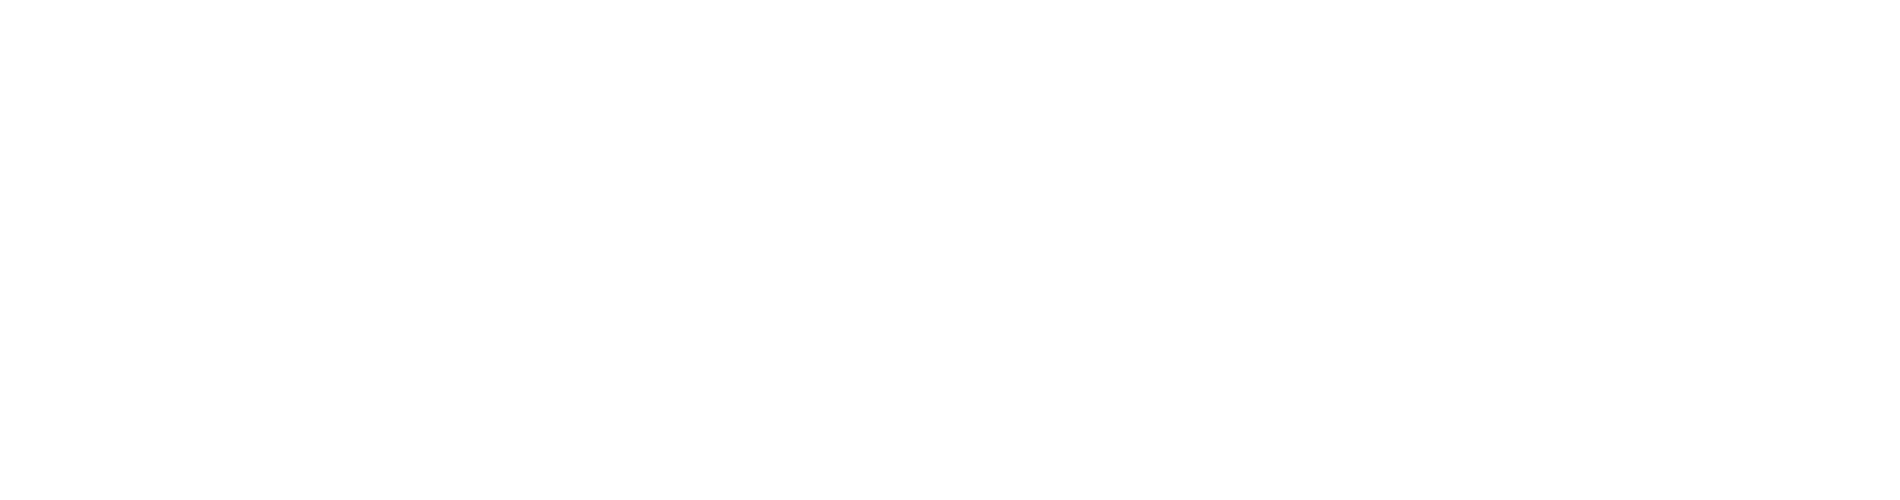 Pôle franco-allemand